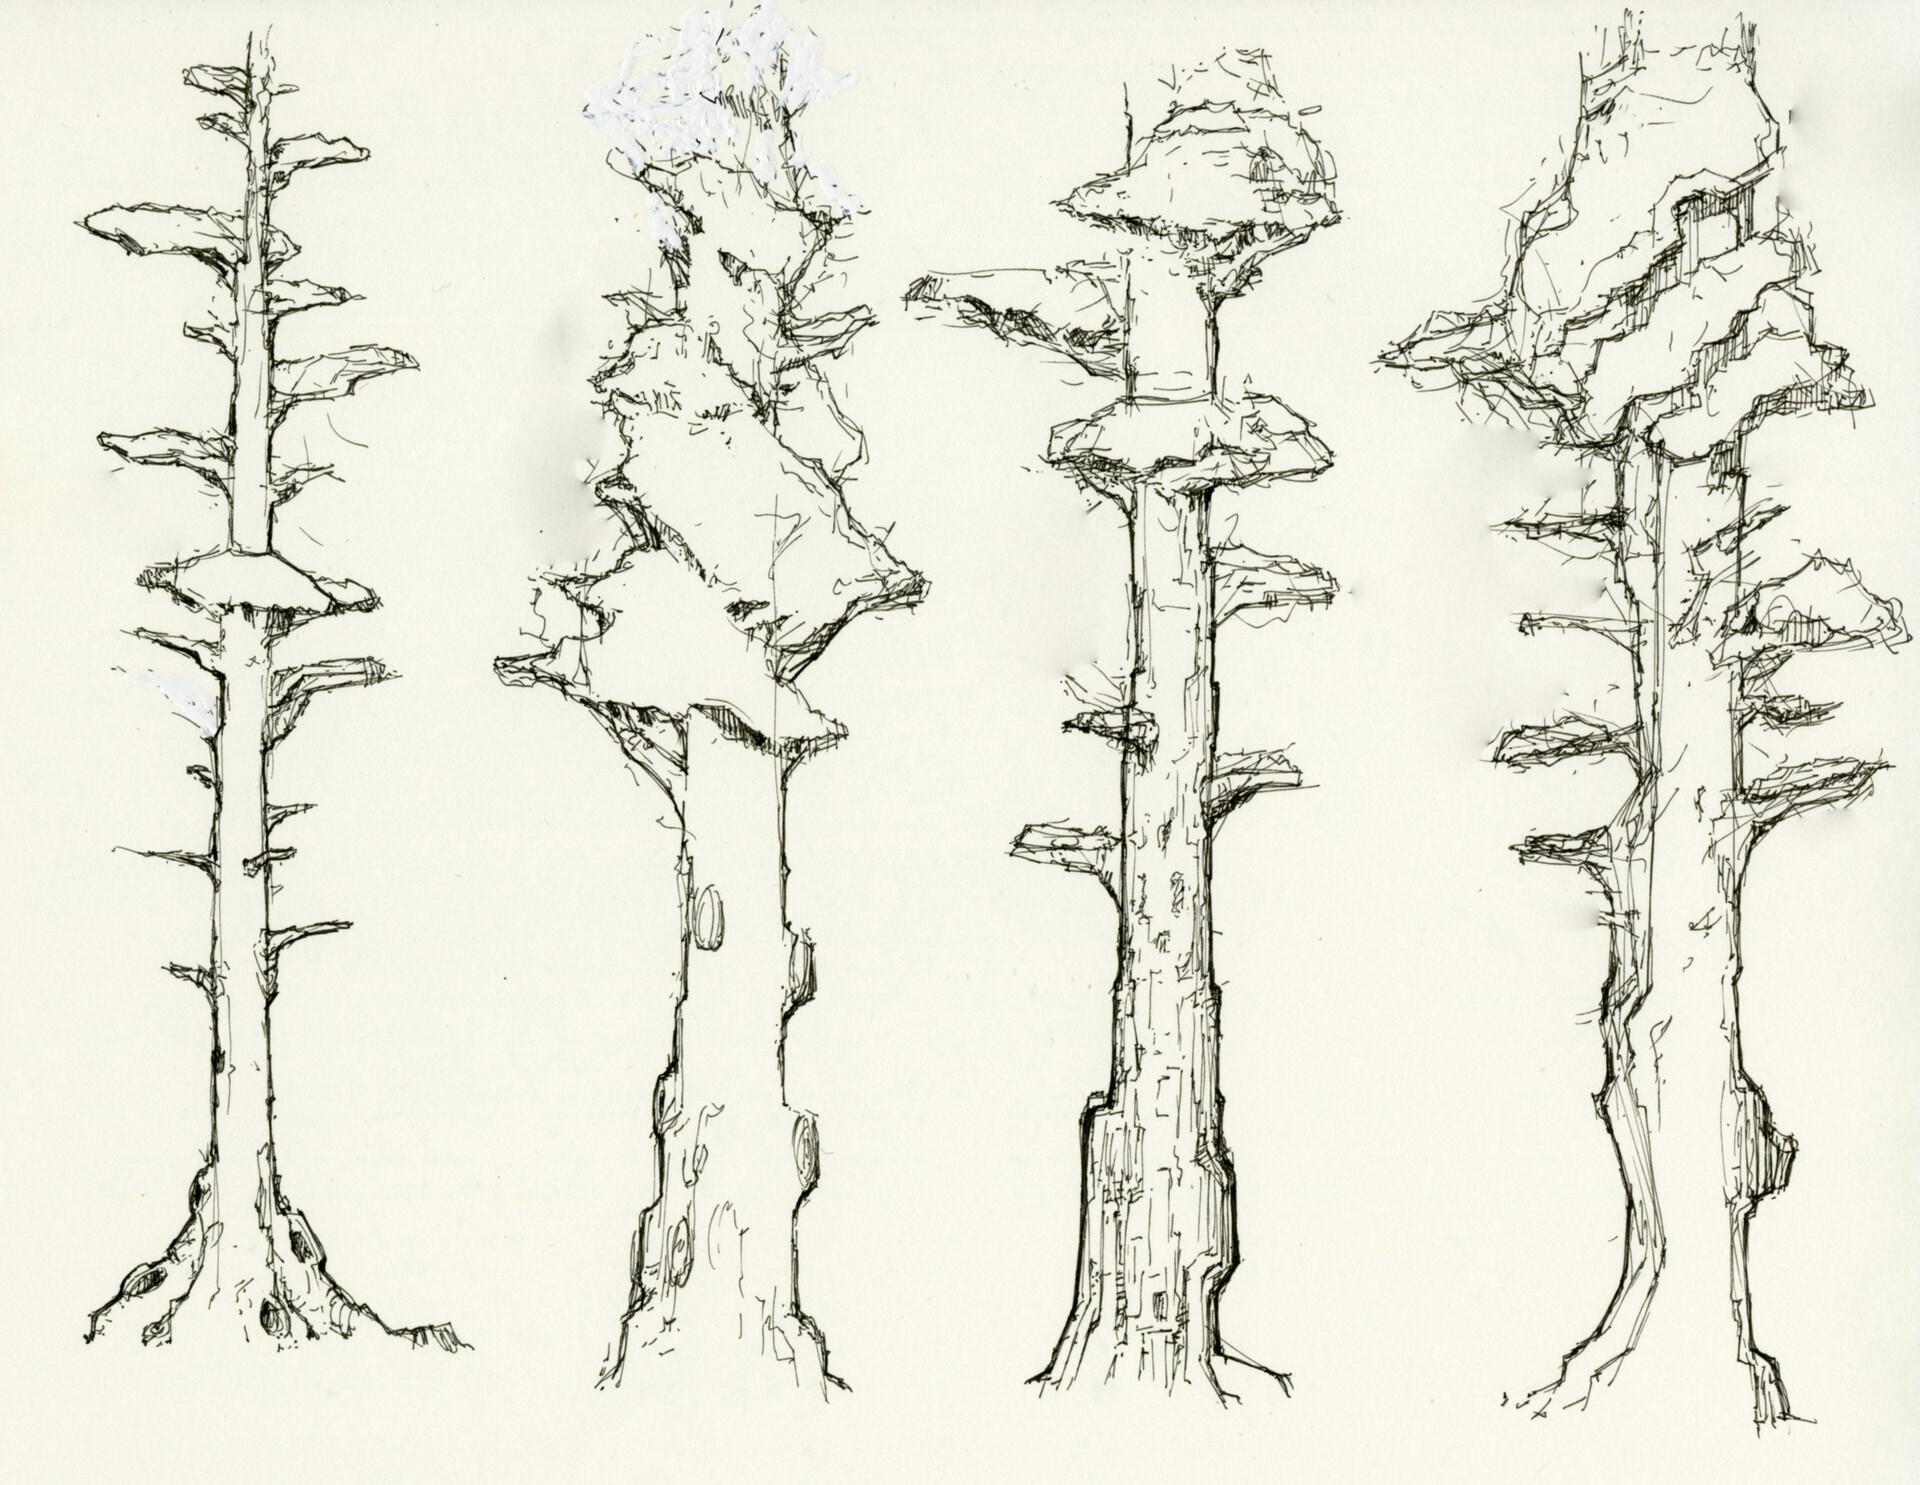 Sherif habashi 01 trees 02